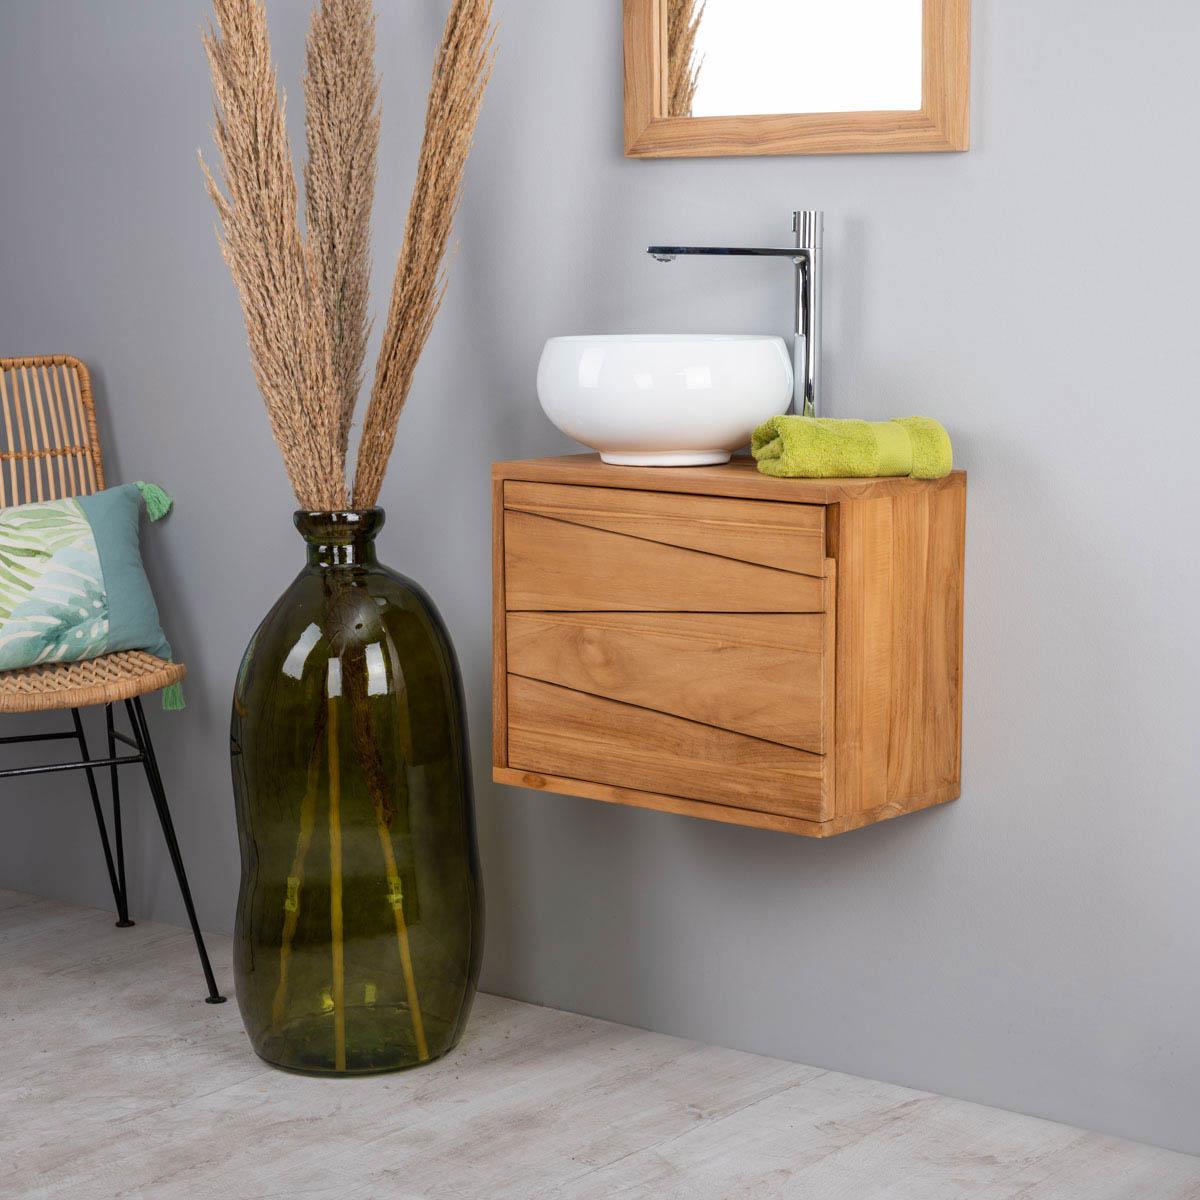 Mueble suspendido para lavabo (simple) de madera (teca) maciza: Cosy ...